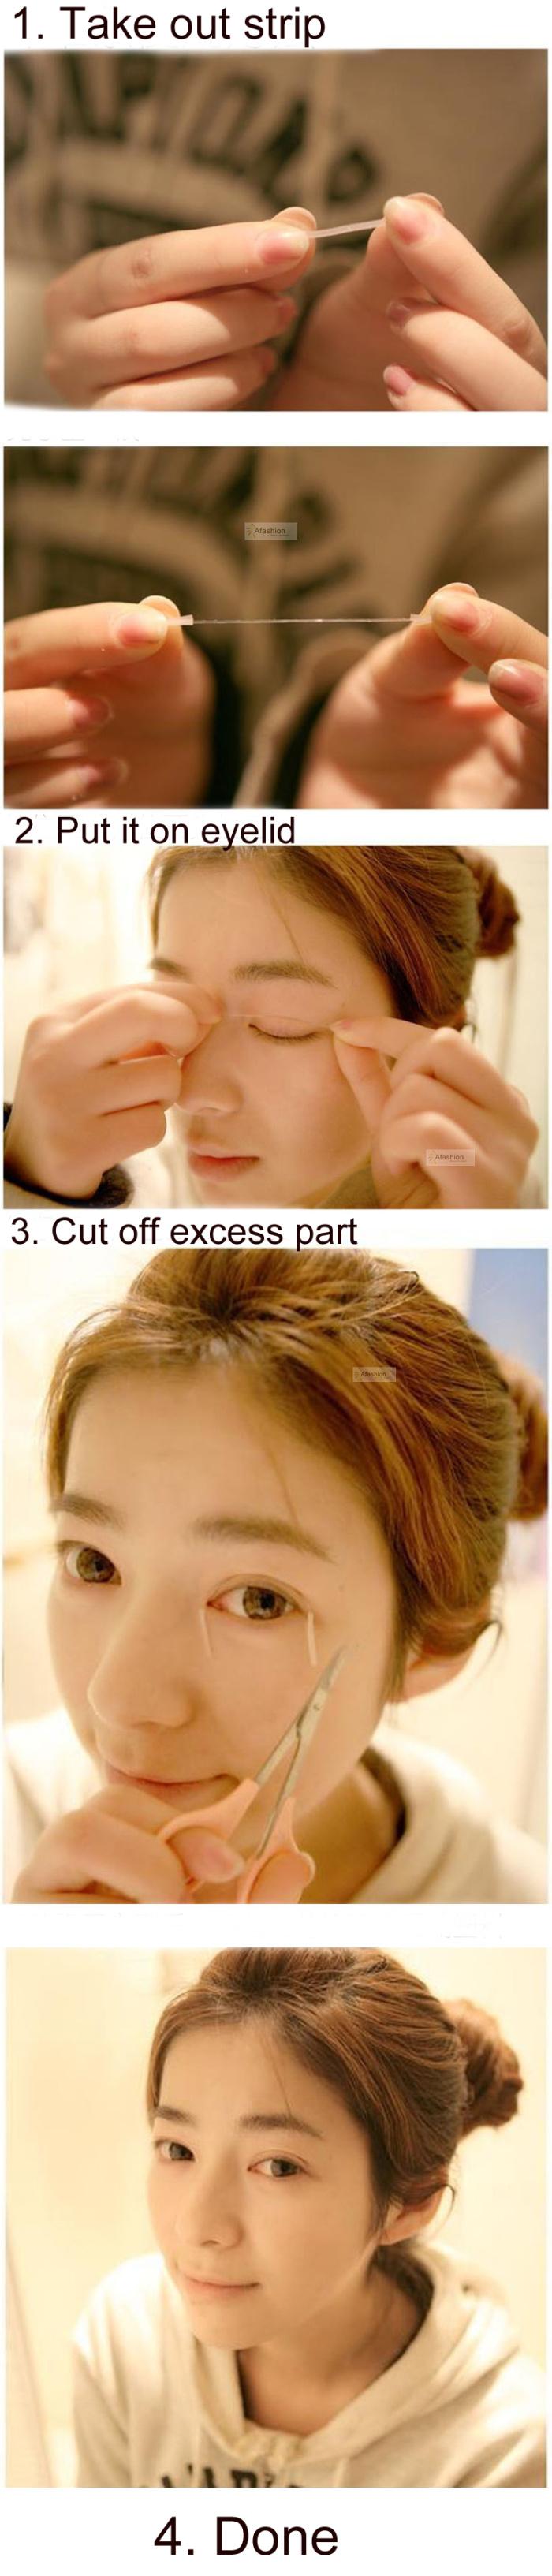 double eyelid (6)